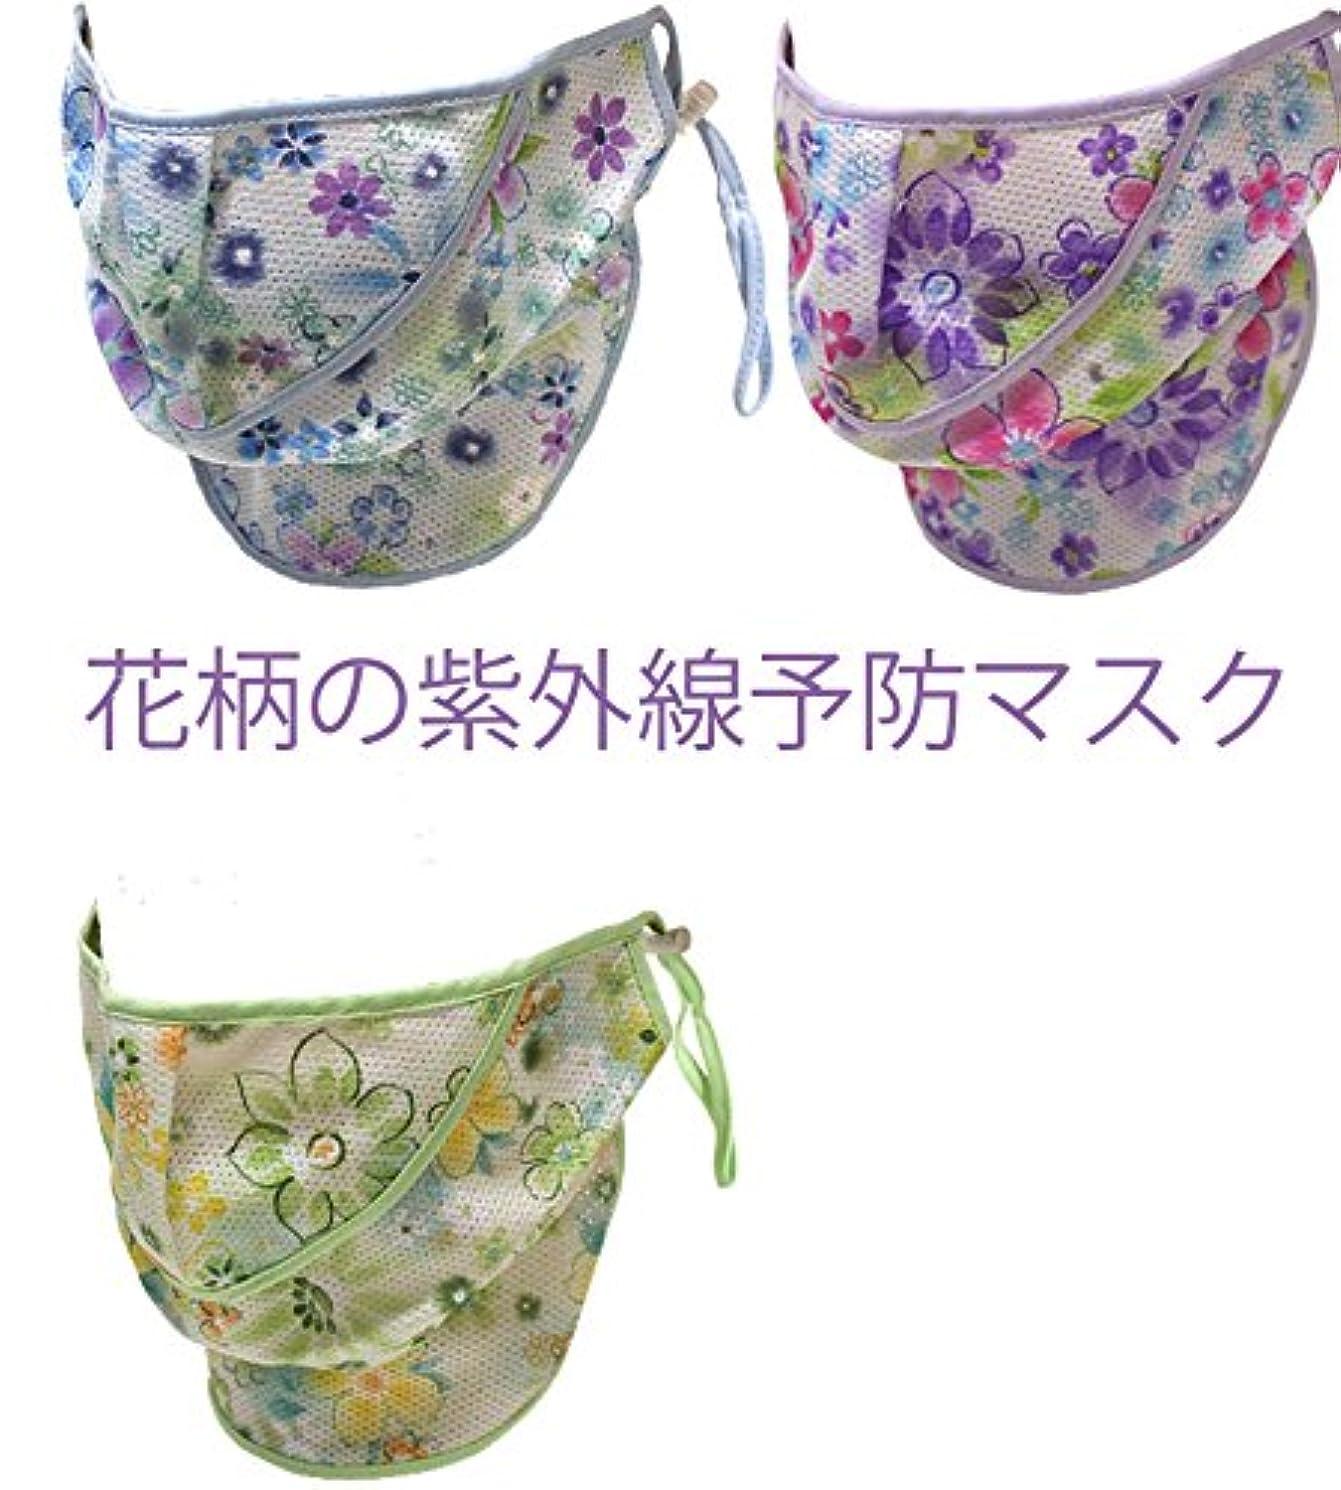 振る意志兵士uvフェイスマスク,花柄の紫外線予防マスク、、緑色、、信頼できる韓国産